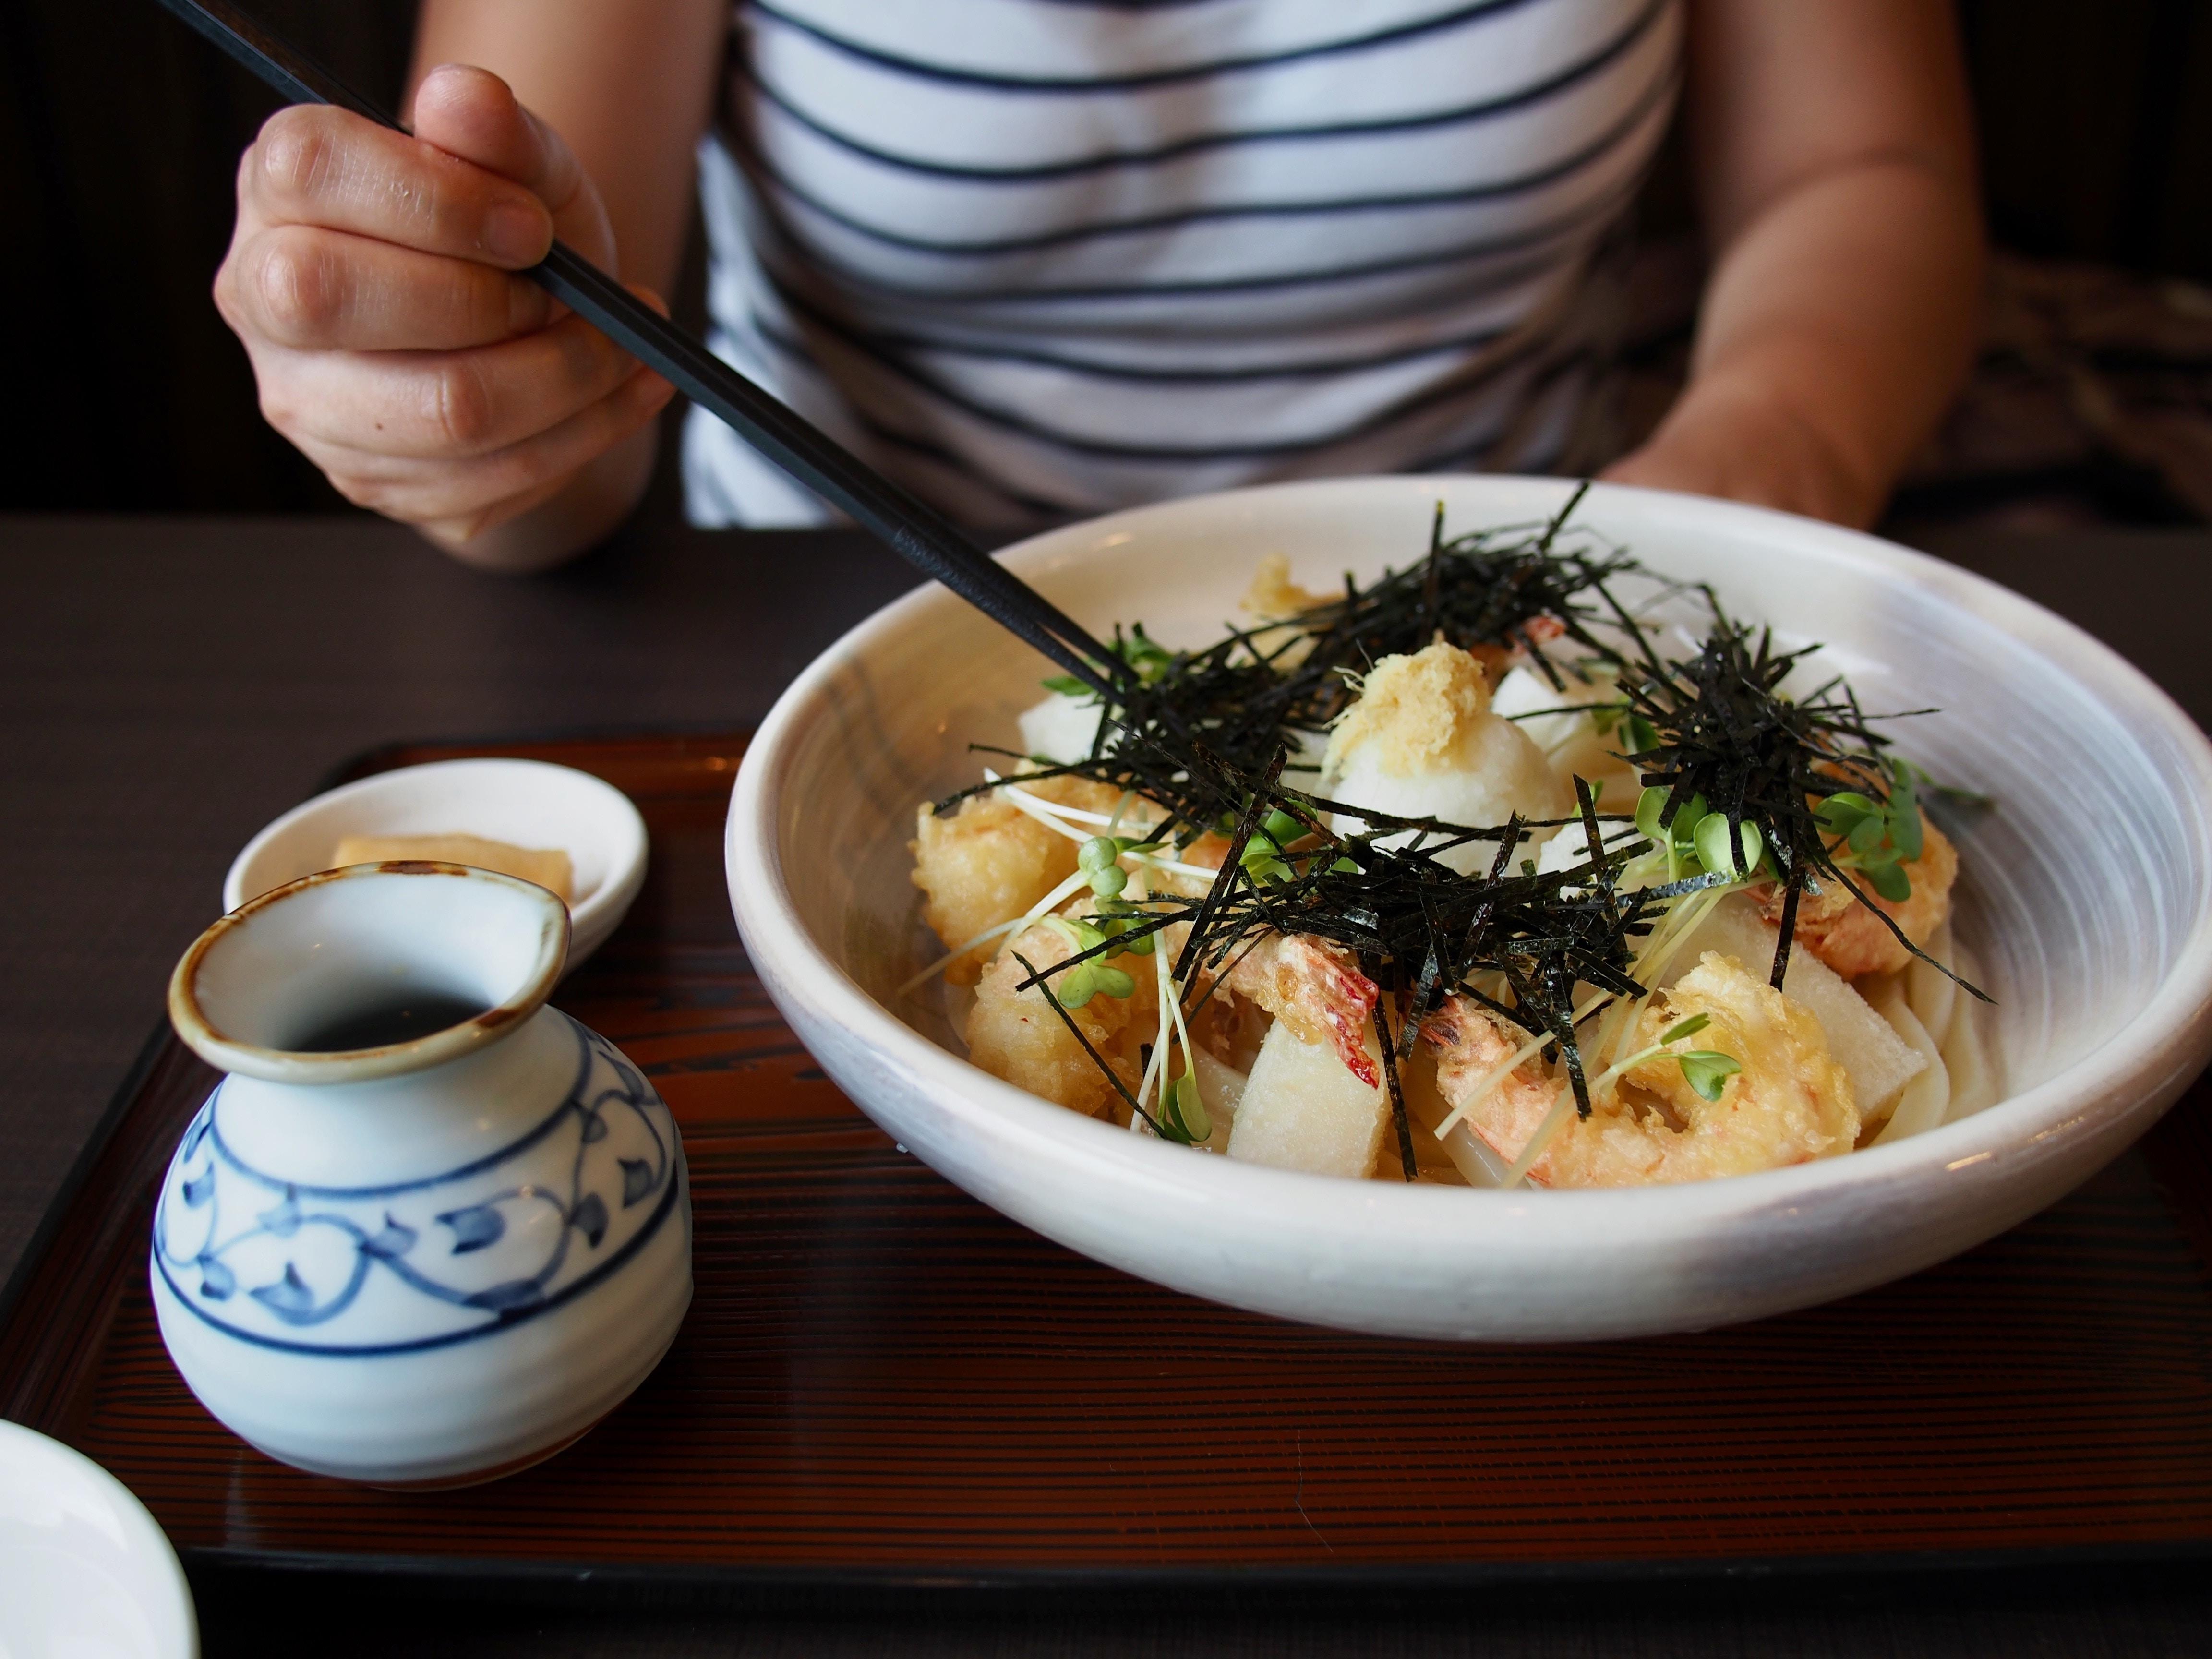 Algues gastronomie asiatique